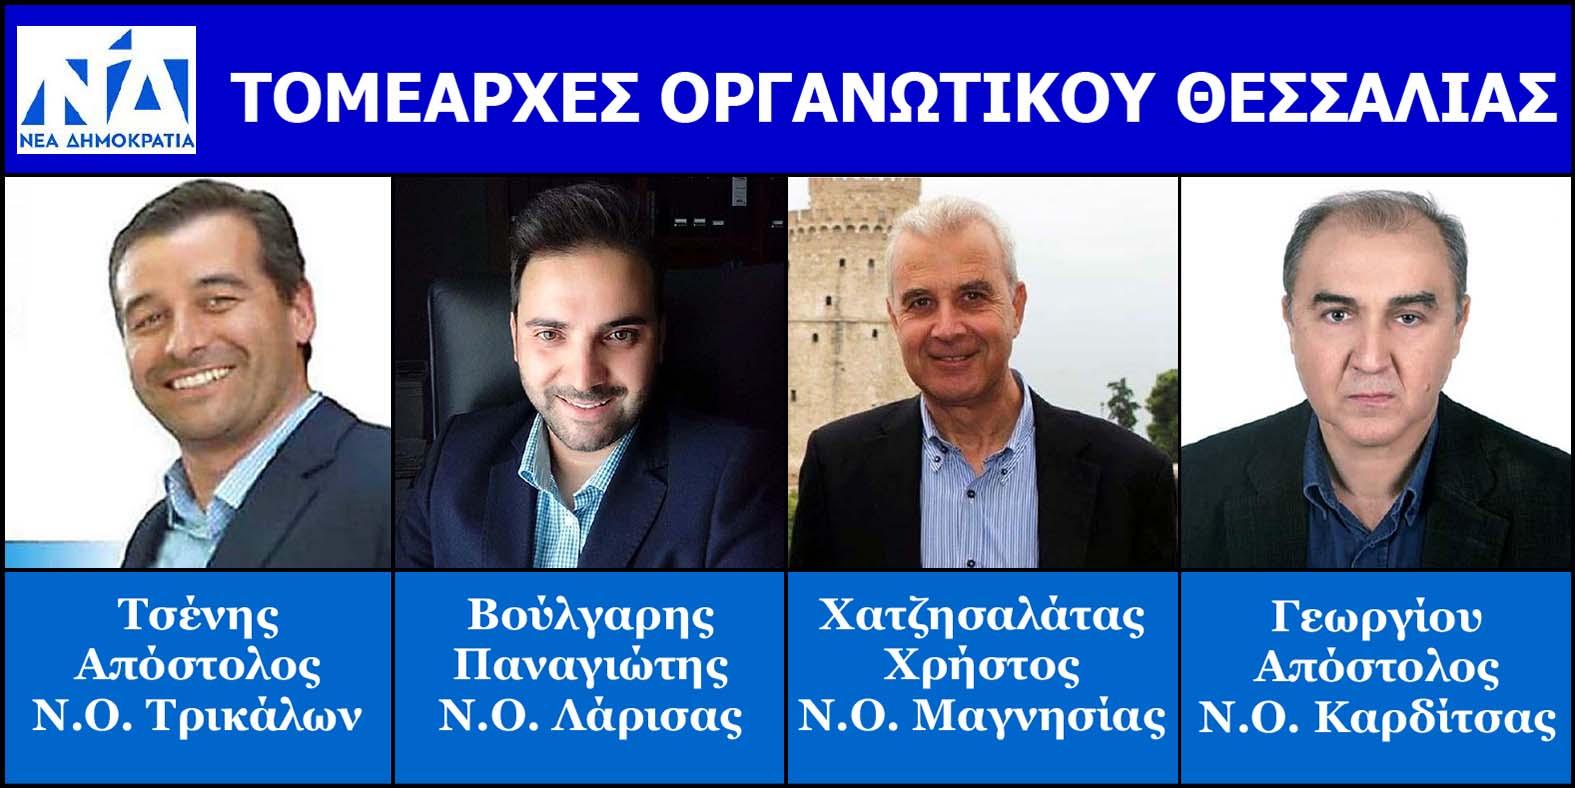 Ορισμός Νέων Τομεαρχών Οργανωτικού ΝΔ Περιφέρειας Θεσσαλίας